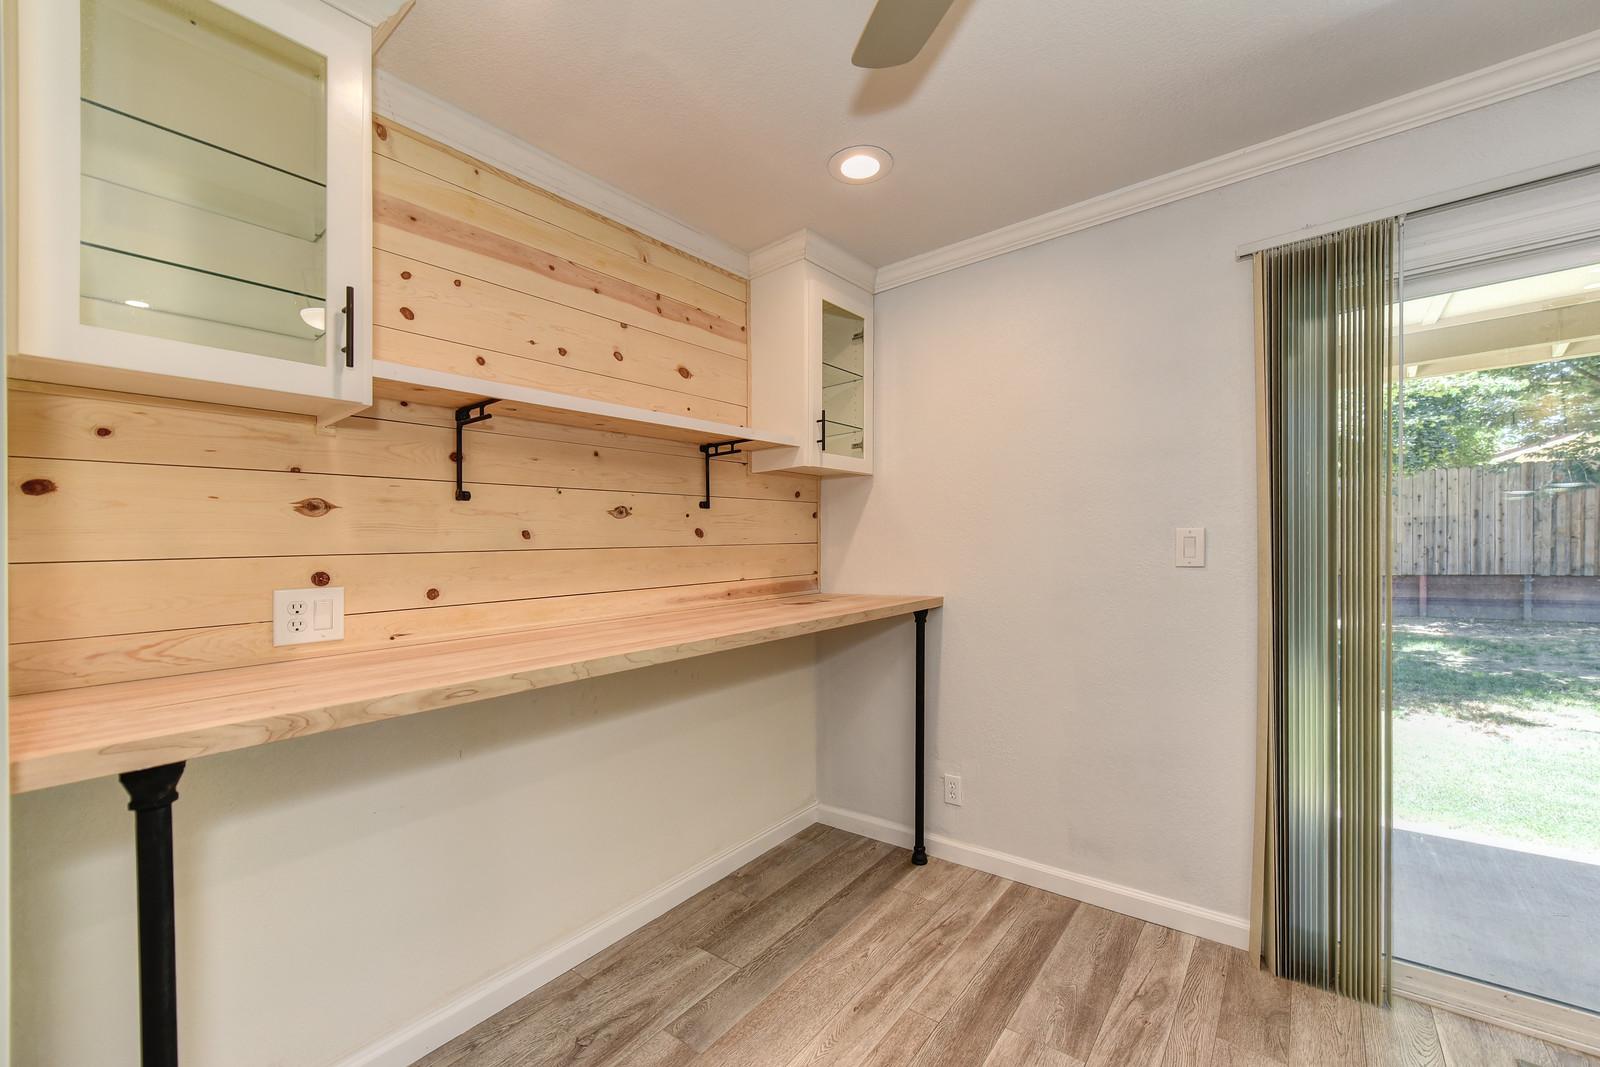 Kitchen at 5342 Nyoda Way Carmichael California | Keller Williams Realty Carmichael California